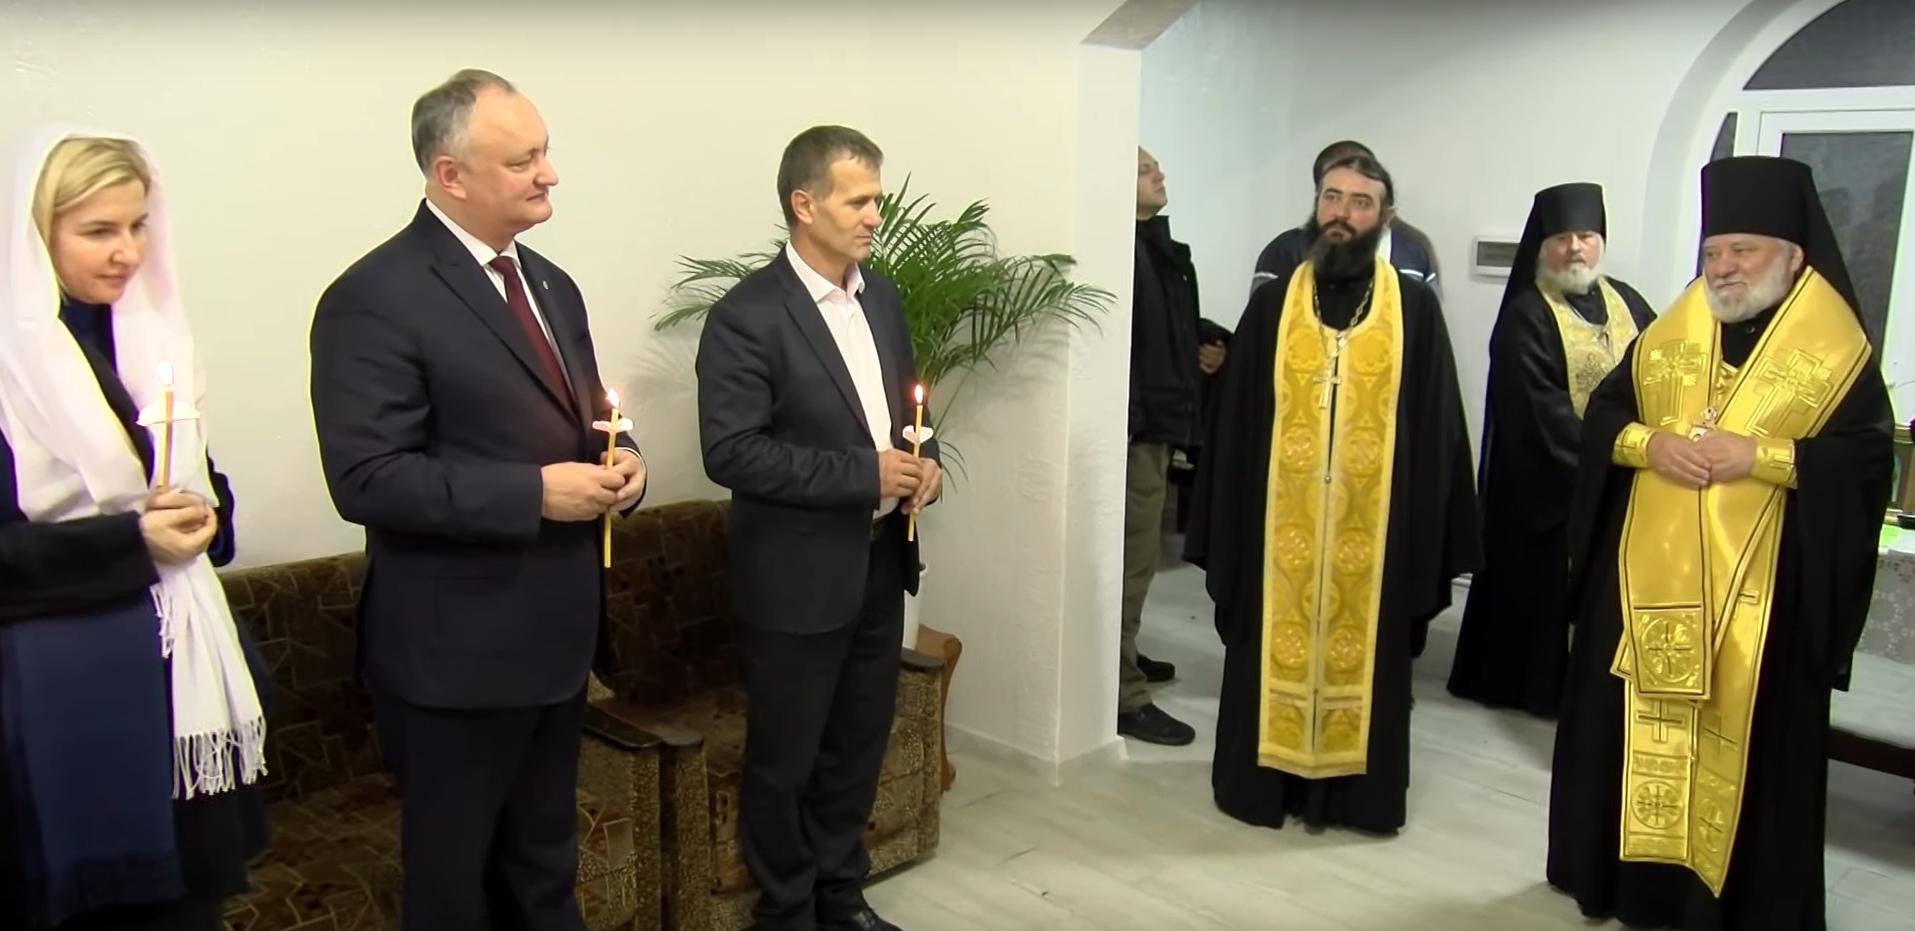 (ФОТО/ВИДЕО) В Комрате освятили приходской дом при Кафедральном соборе